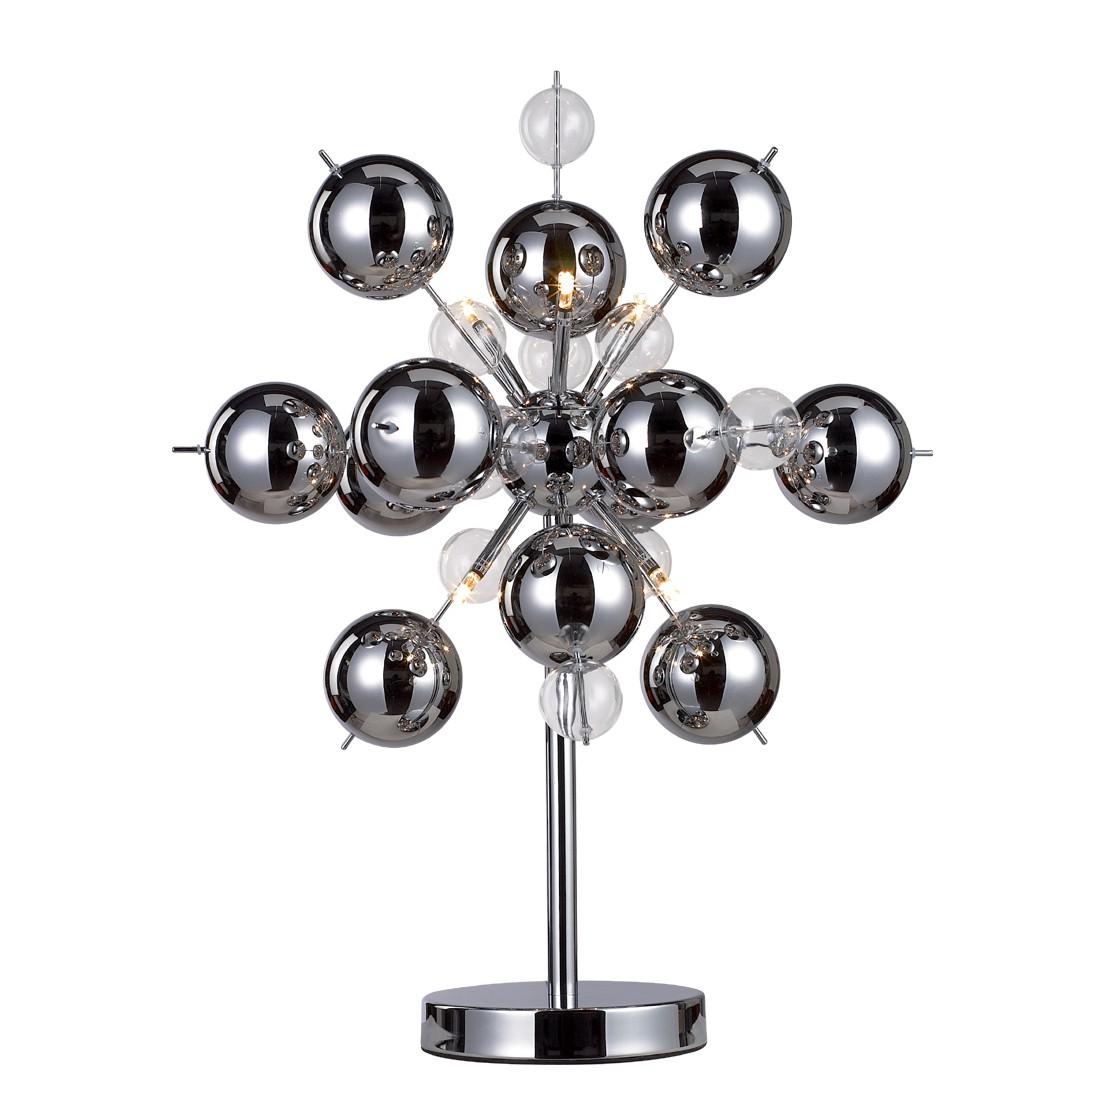 EEK A++, Lampe de table Explosion - Métal Argenté 6 ampoules, Näve